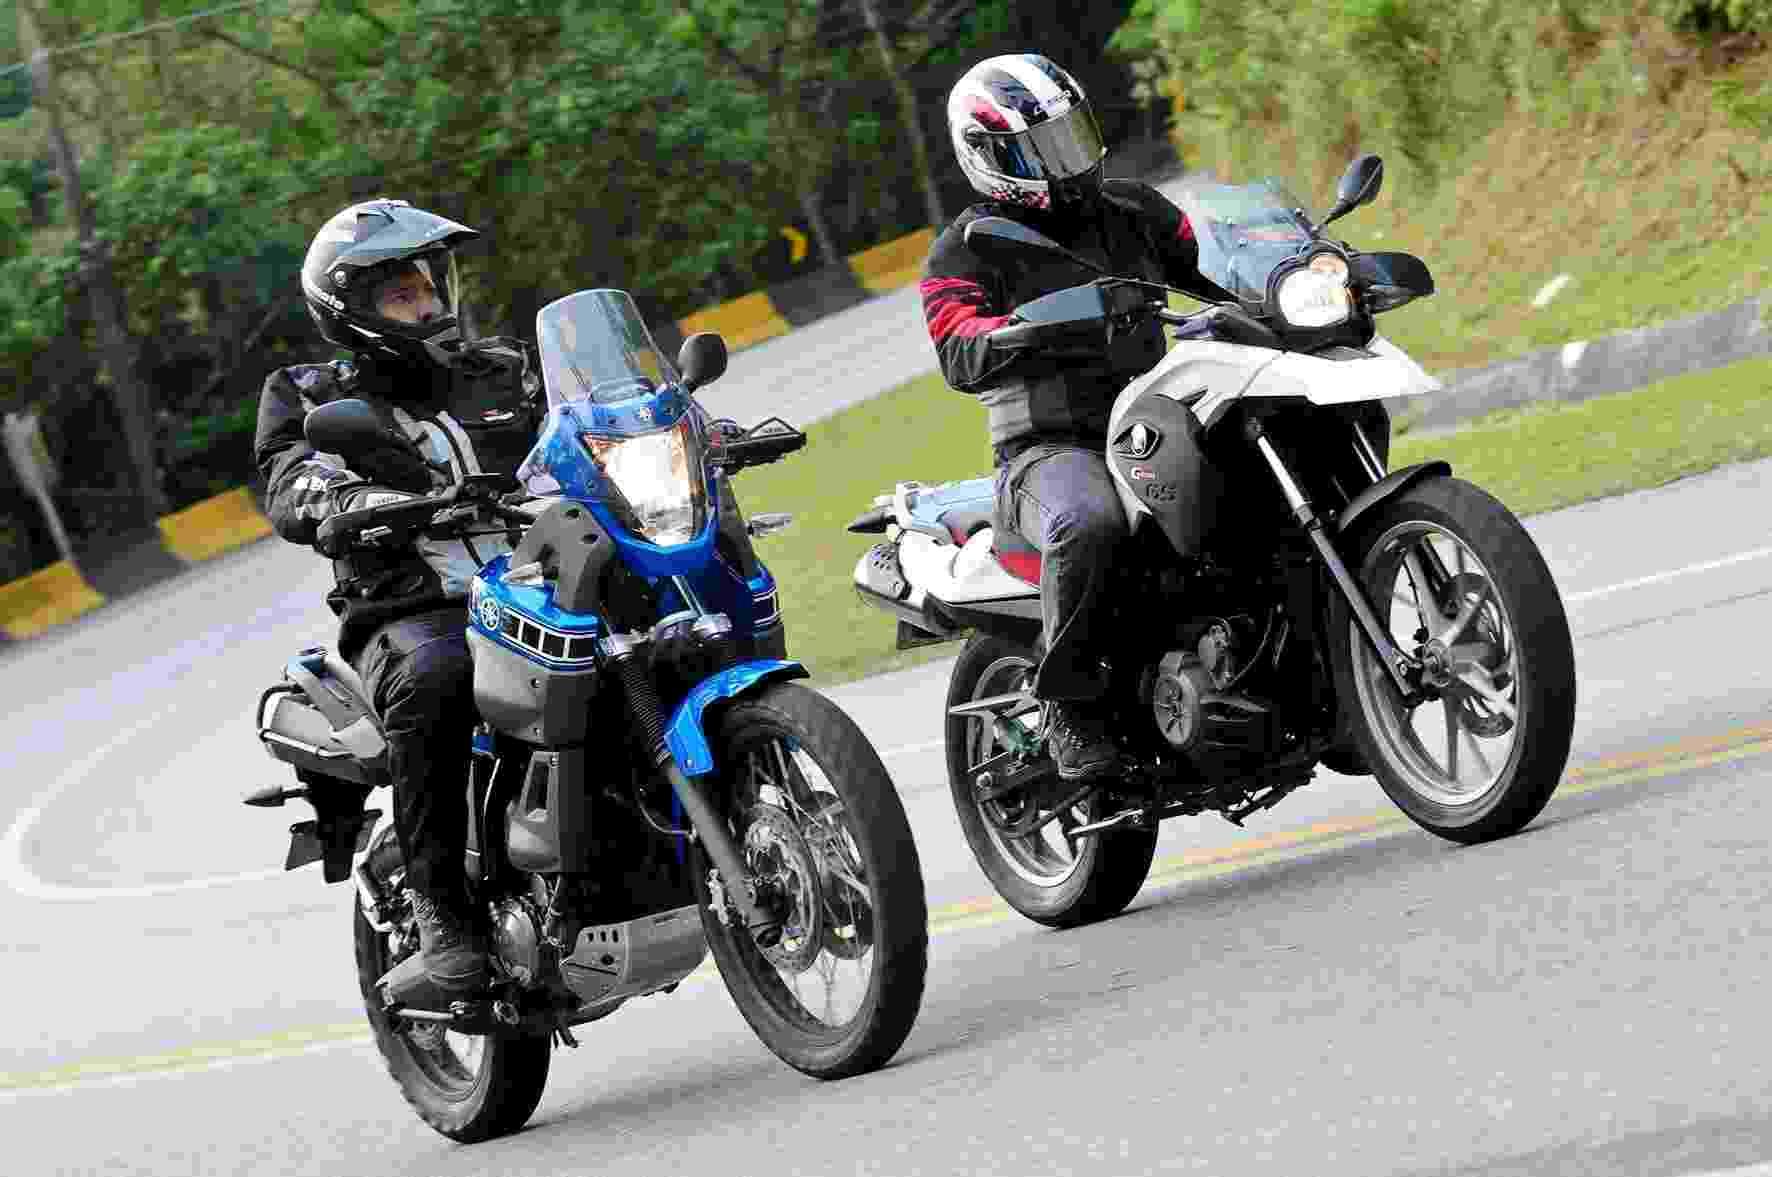 Yamaha XT 660Z Ténéré (azul) aposta em visual mais robusto e imponente, enquanto BMW G 650 GS (branca) ficou mais moderna na linha 2012 - Doni Castilho/Infomoto